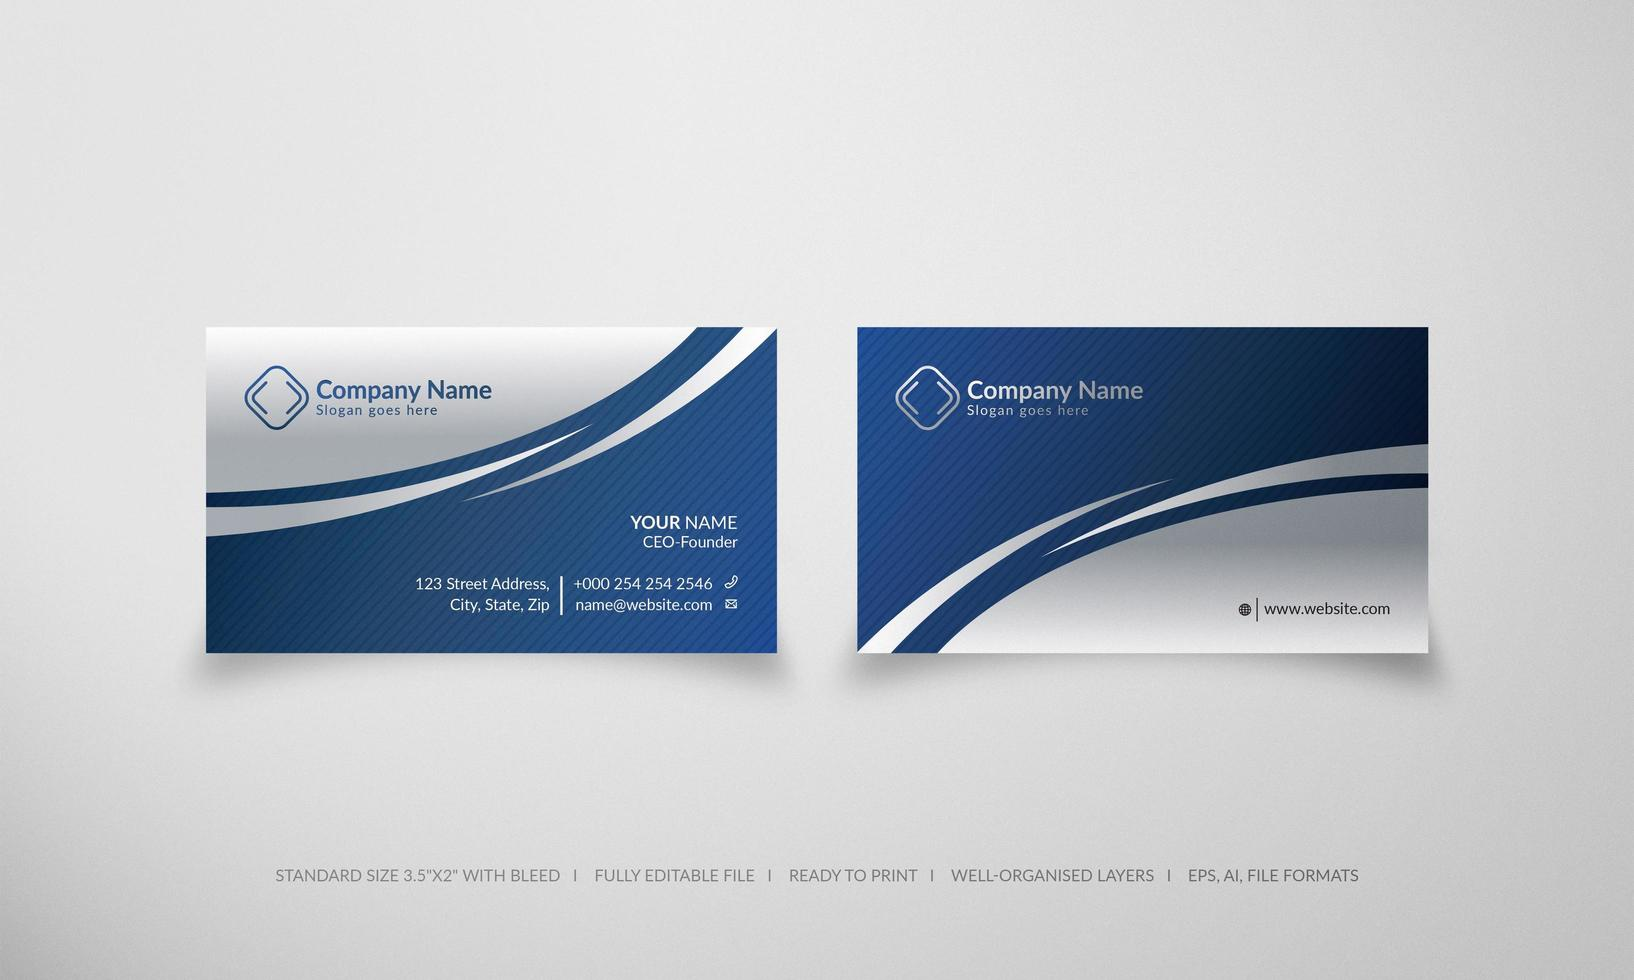 carte de visite créative abstraite bleu et argent vecteur